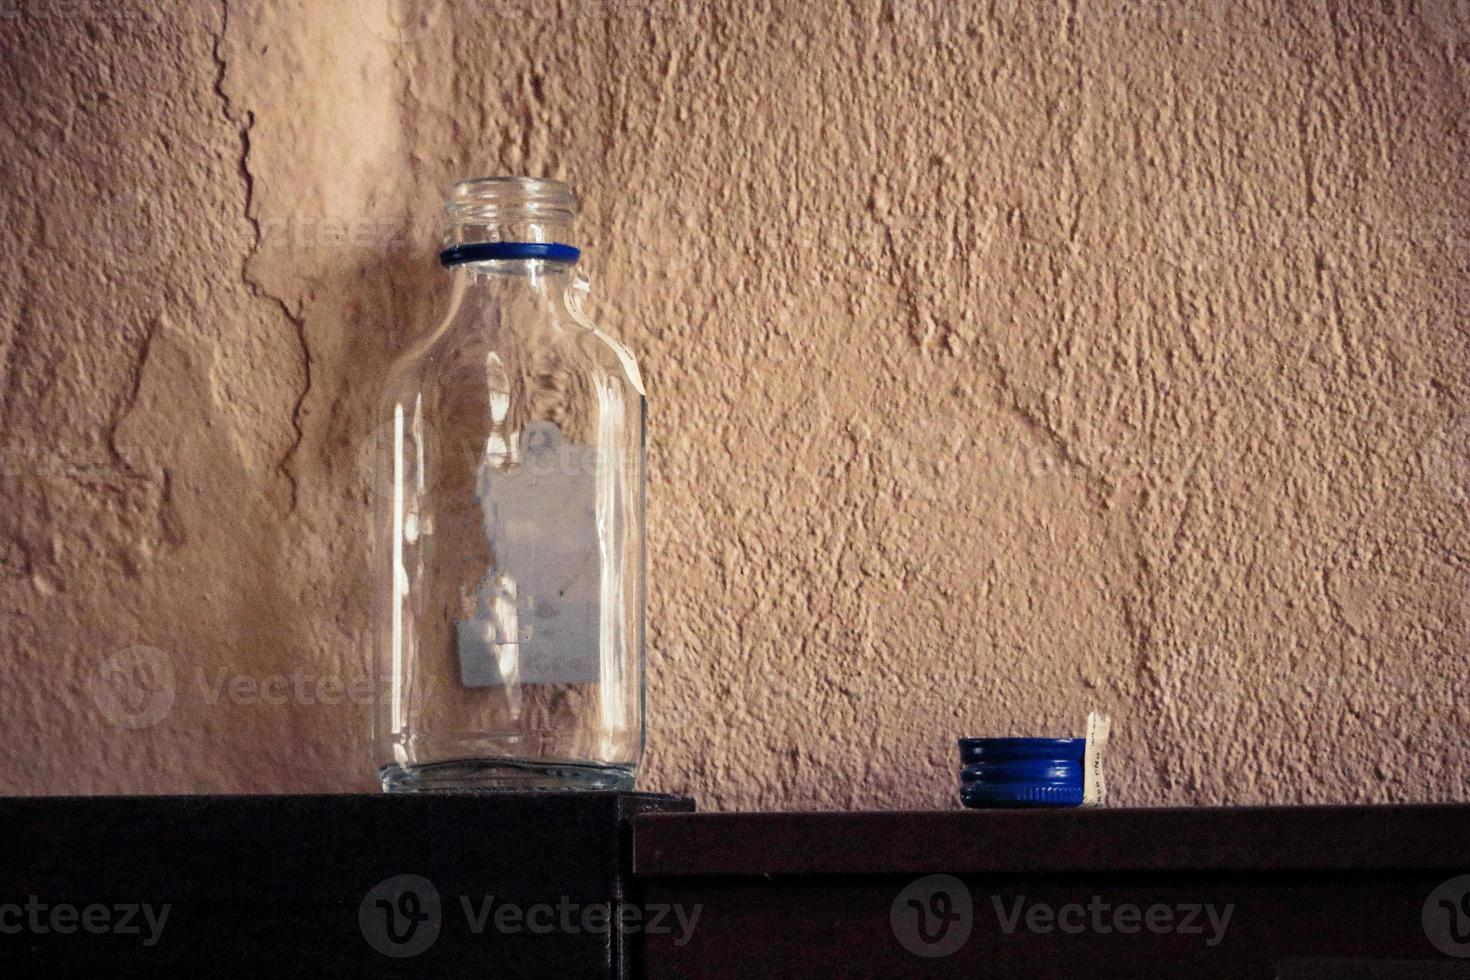 leere kleine Glasflasche mit blauem Metalldeckel auf schwarzem Regal mit Betonhintergrund foto